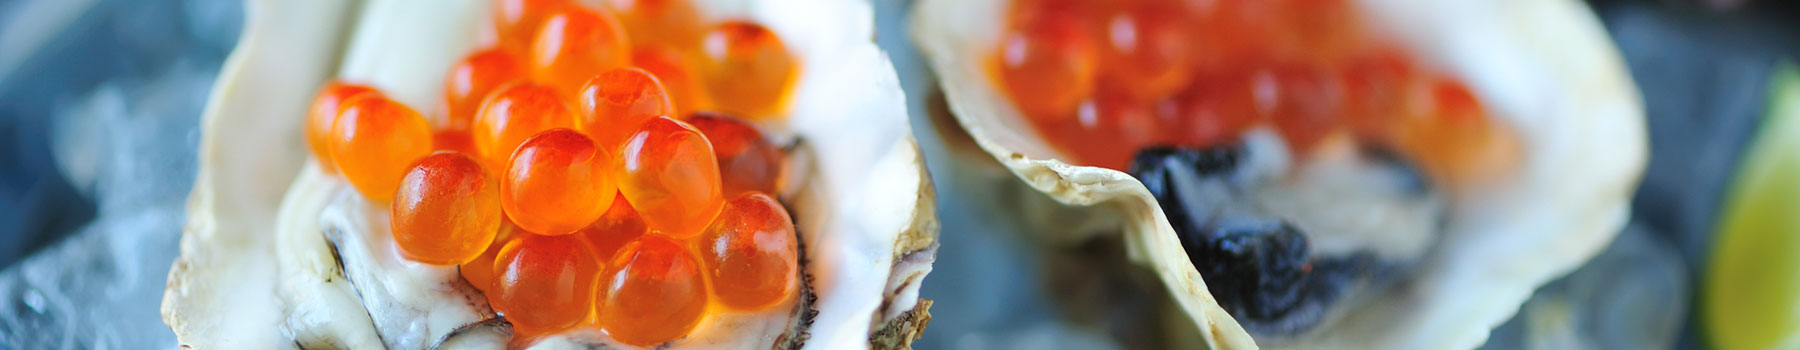 L'huître de l'Ampolla, un délice de fruits de mer